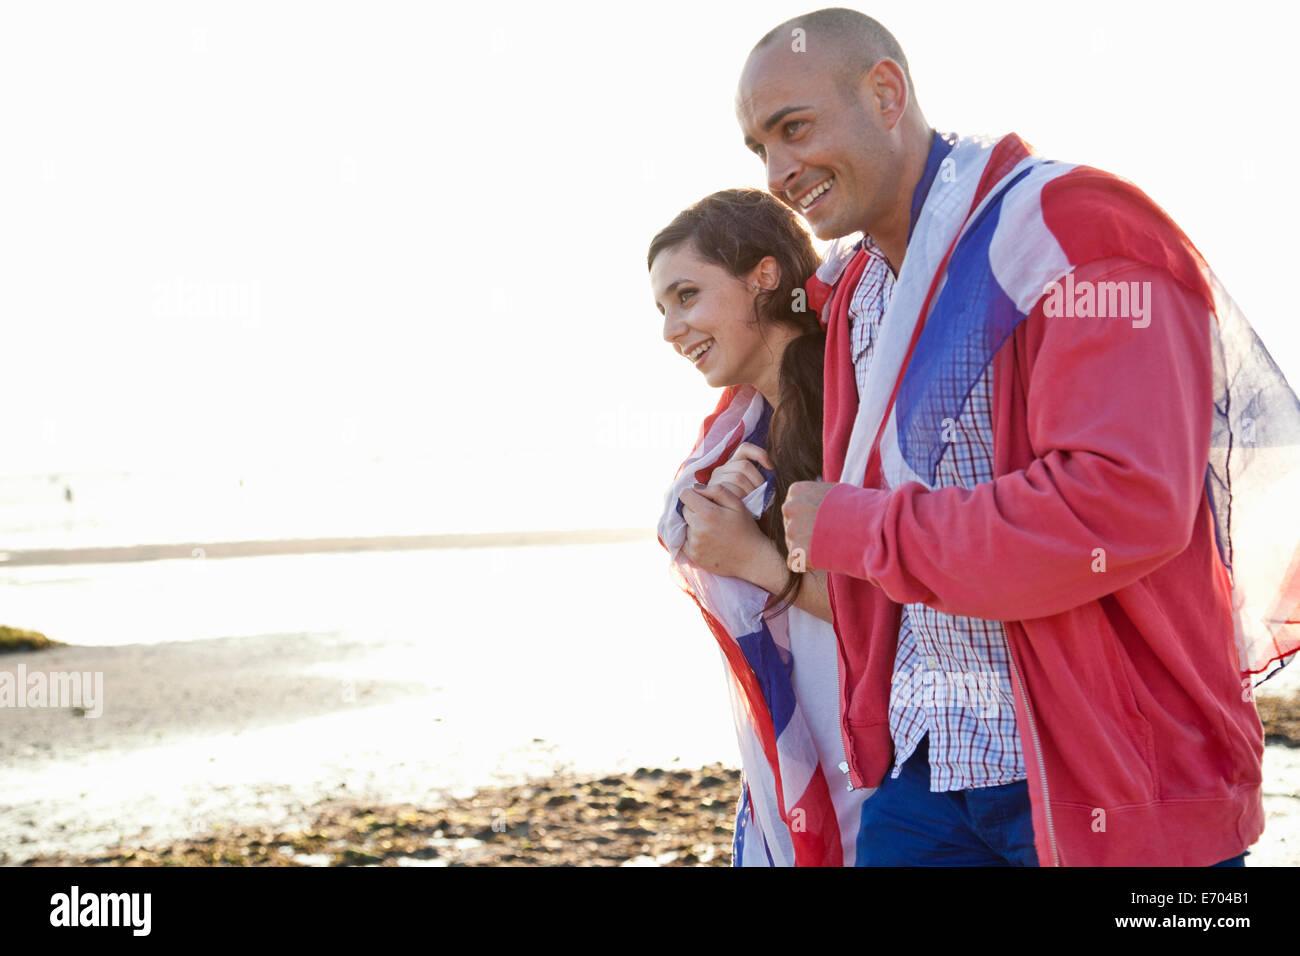 Paar verpackt in britische Flagge, ein Spaziergang am Strand von Bournemouth, Dorset, Großbritannien Stockbild